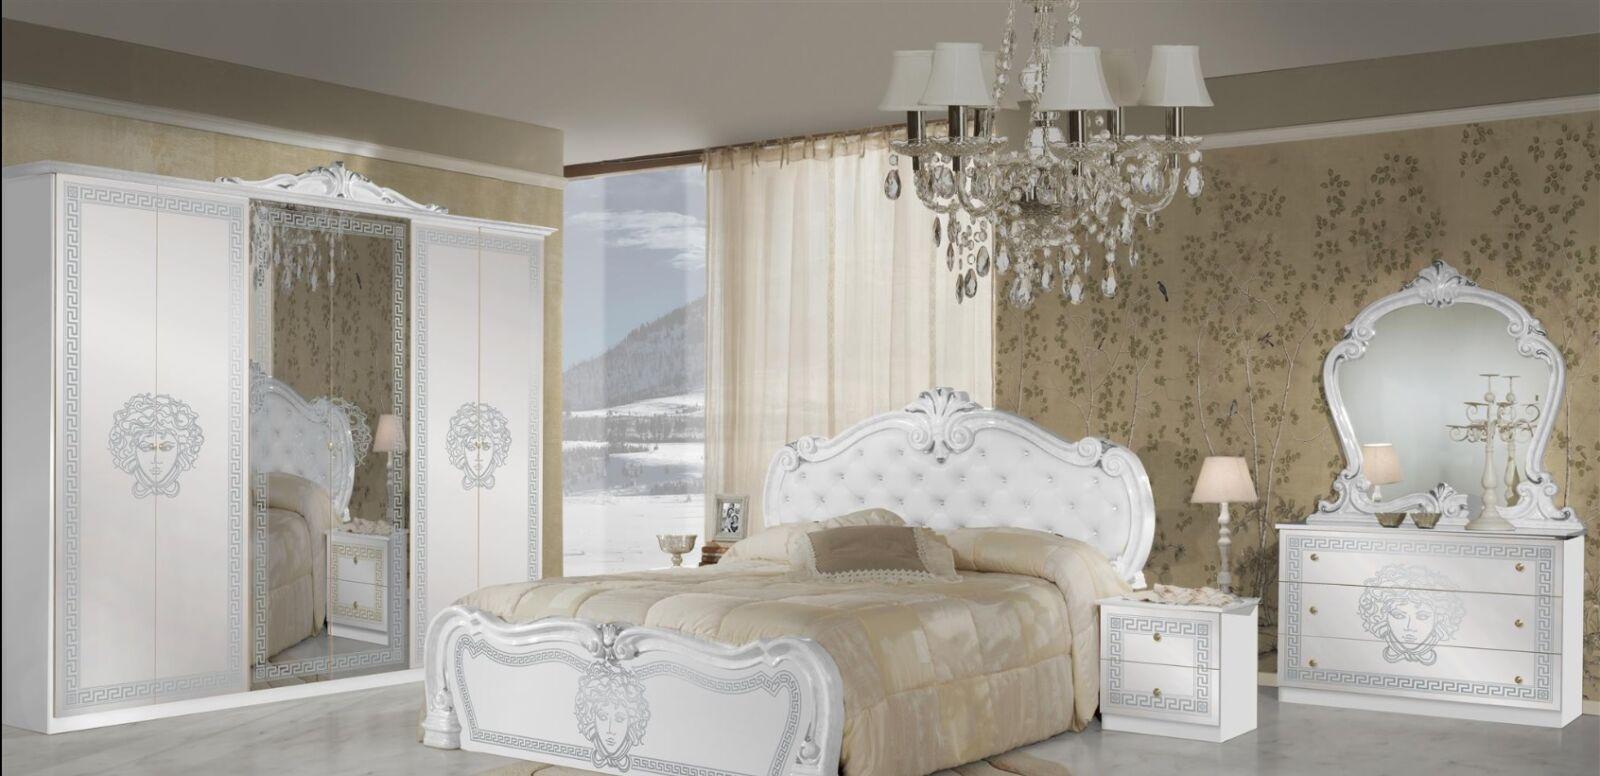 Vilma olasz hálószoba garnitúra, fehér-ezüst színben, 6 ajtós szekrénnyel és 160 cm-es ággyal